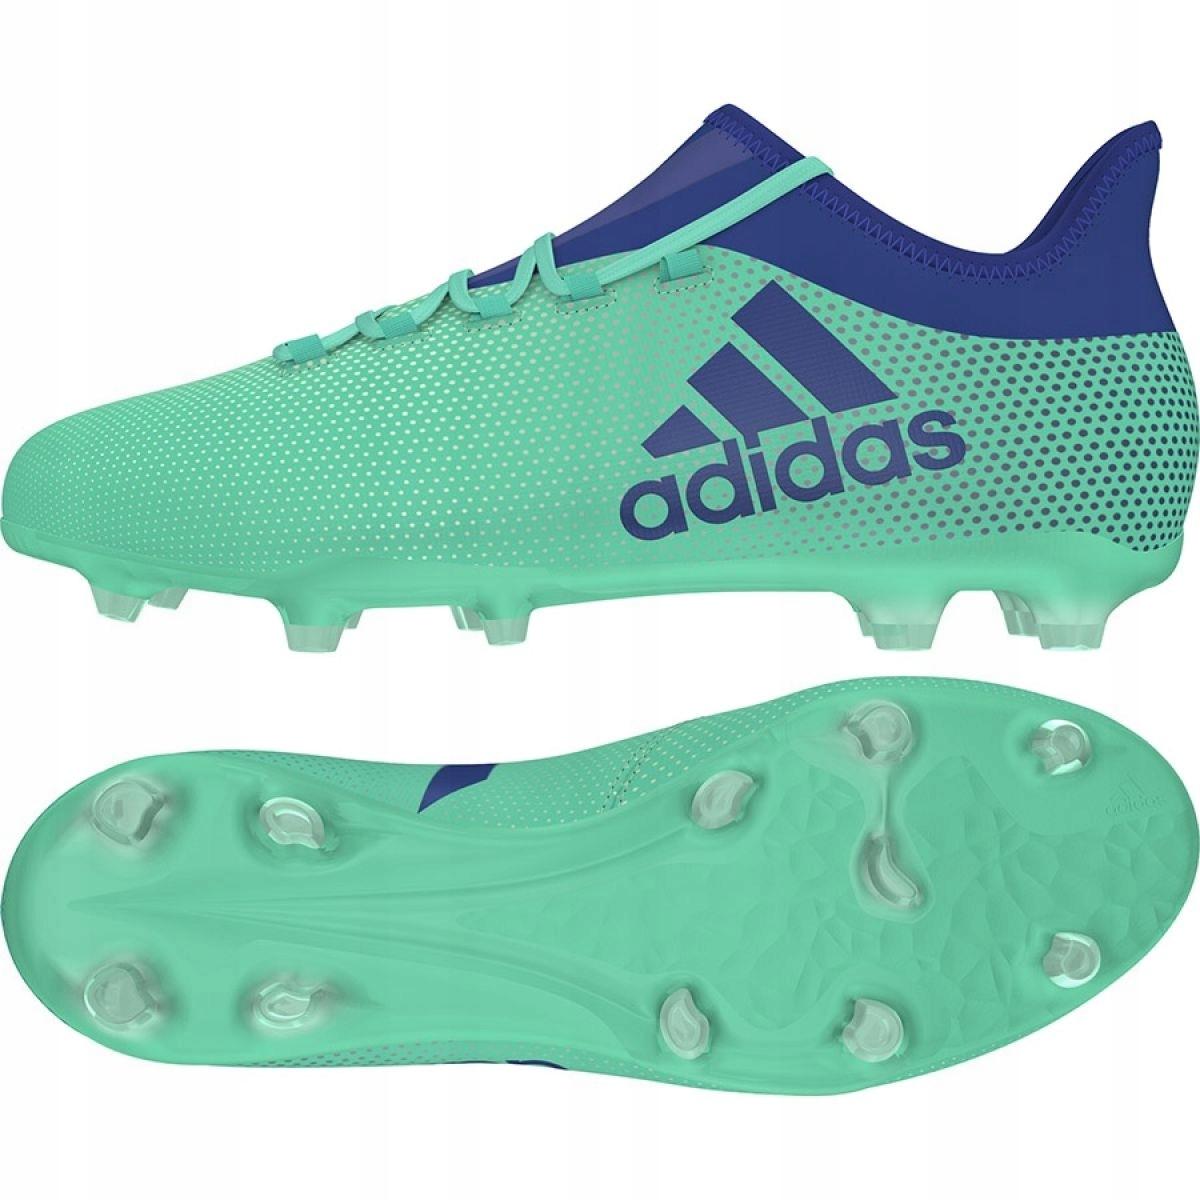 d452a8dd28eb Buty piłkarskie adidas X 17.2 FG M CP9189 40 - 7515054640 ...